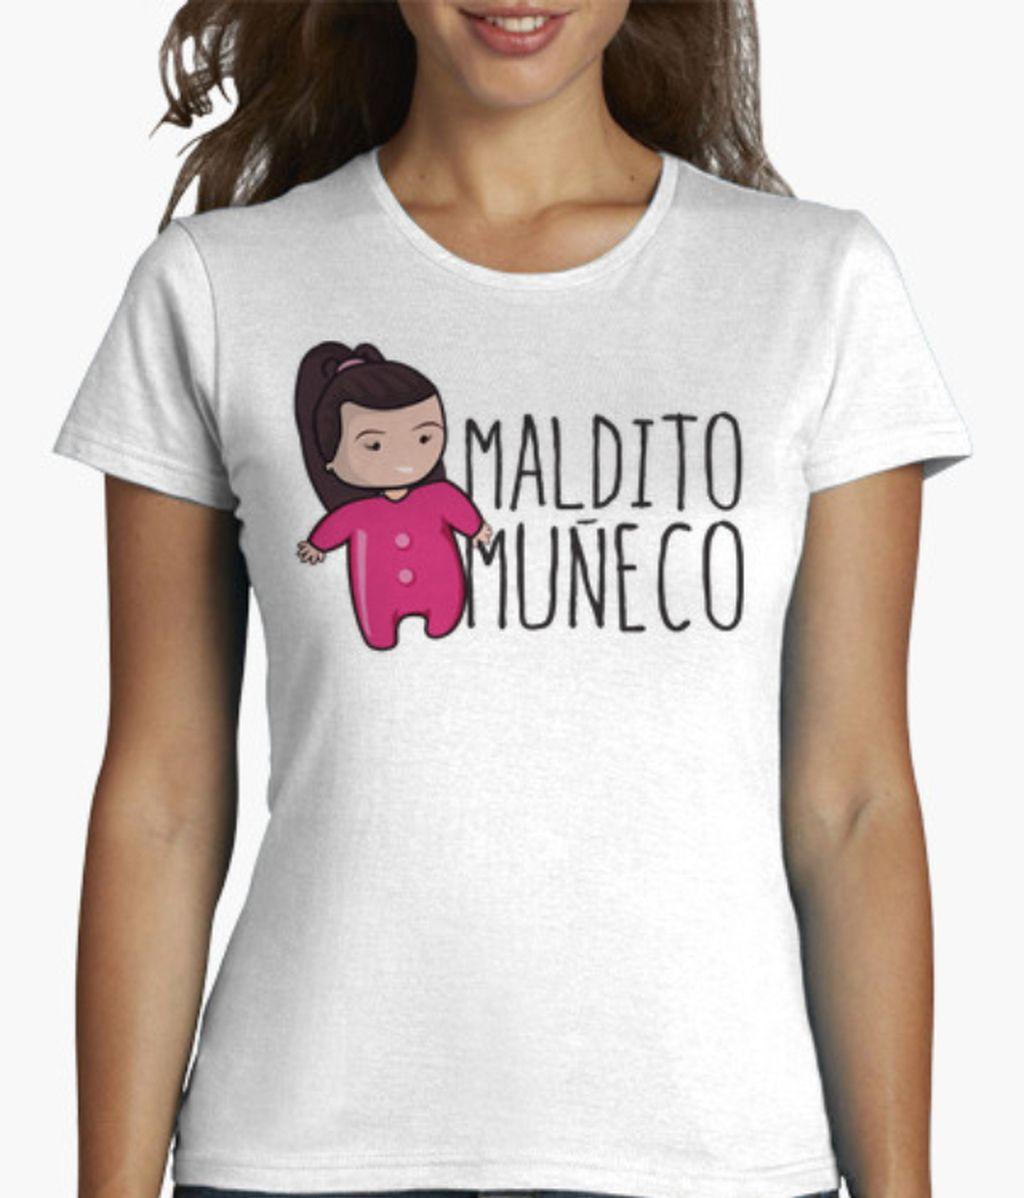 Camiseta de manga corta Maldito Muñeco